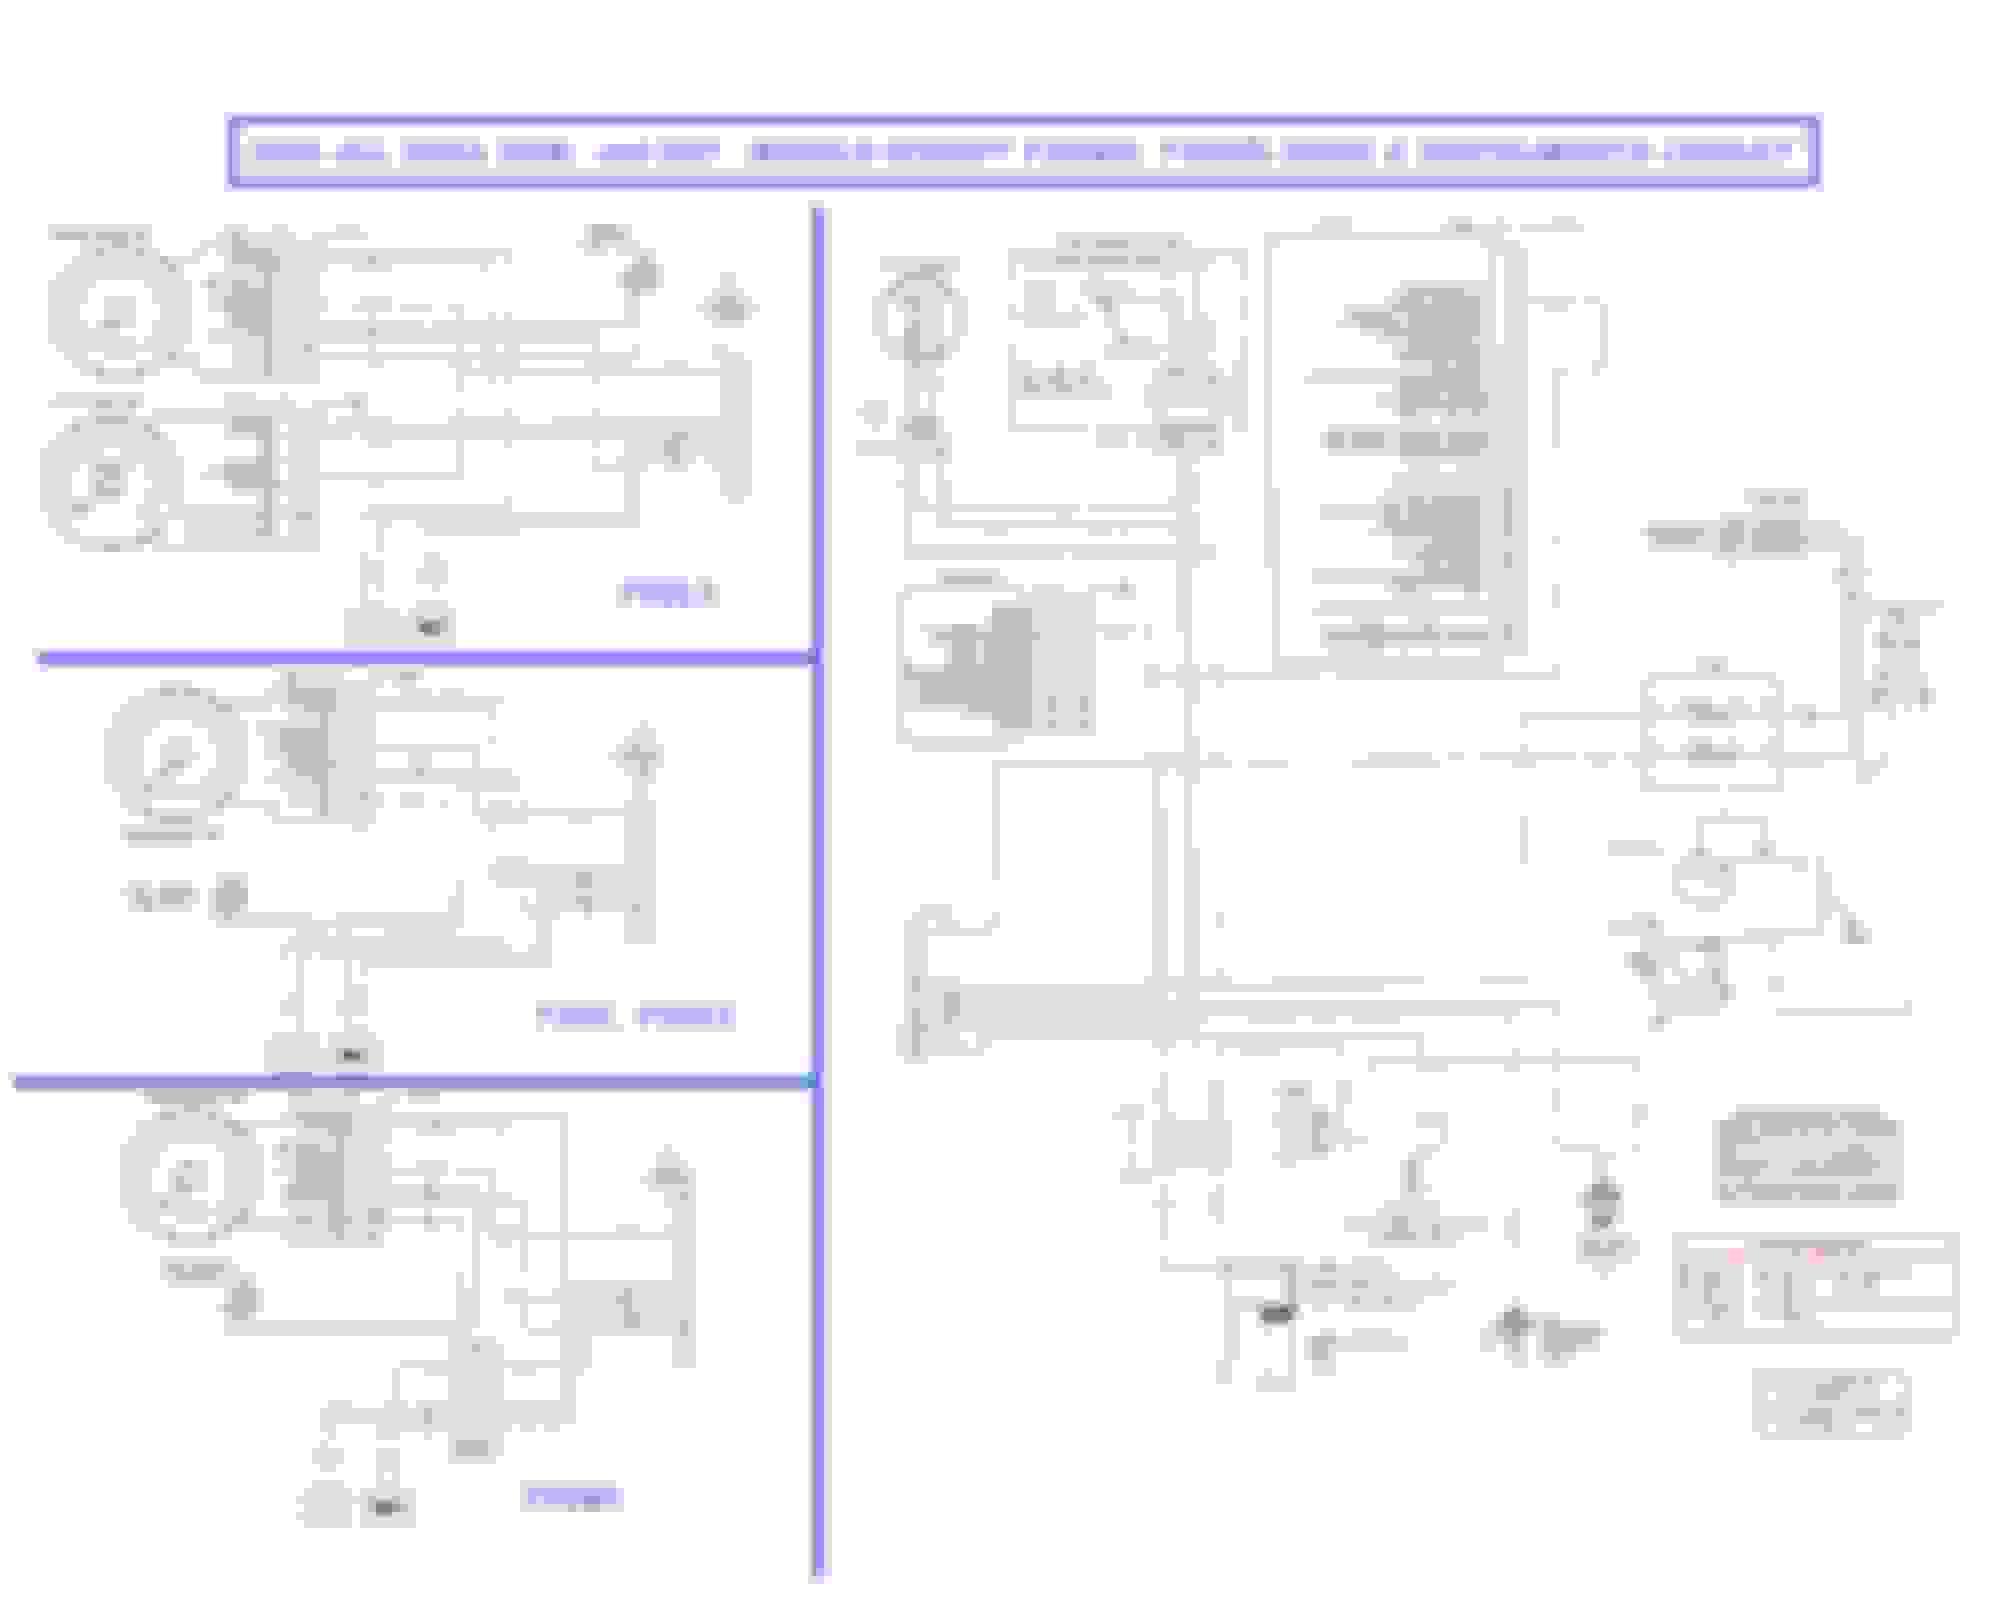 Enjoyable Harley Davidson 1996 Softail Wiring Diagram Wiring Library Wiring Cloud Xortanetembamohammedshrineorg